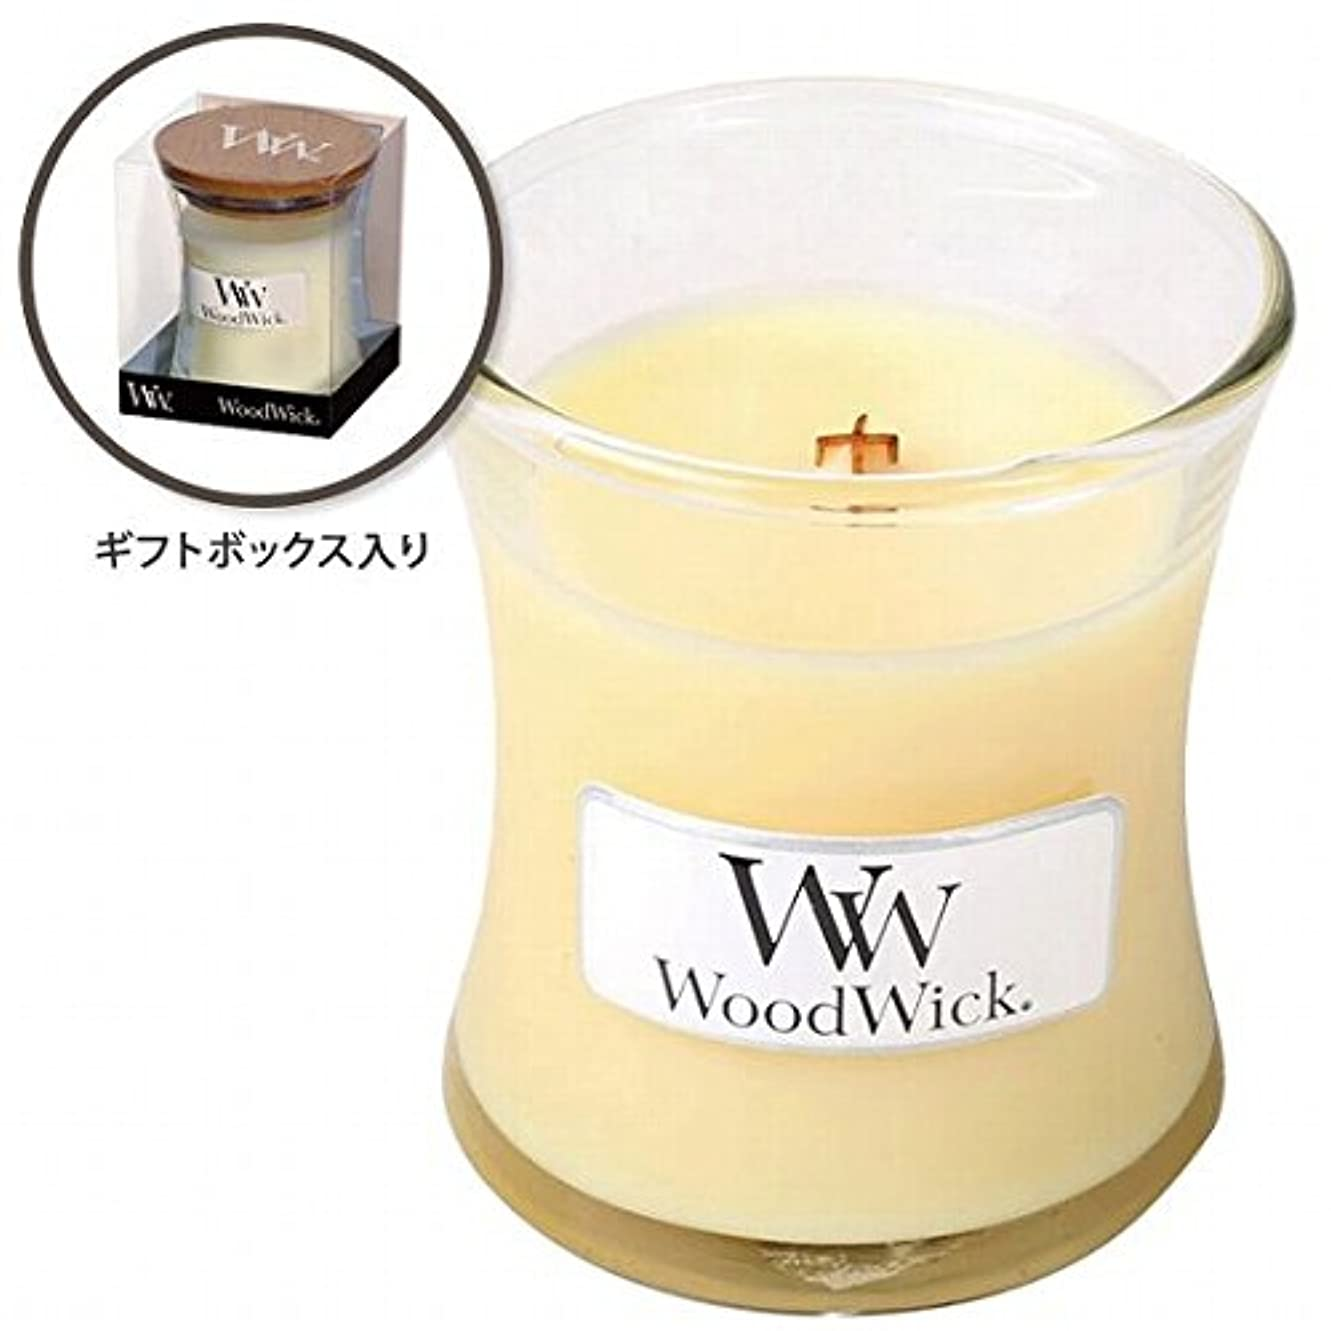 休暇何インサートWoodWick(ウッドウィック) Wood WickジャーS 「レモングラス&リリー」(W9000550)